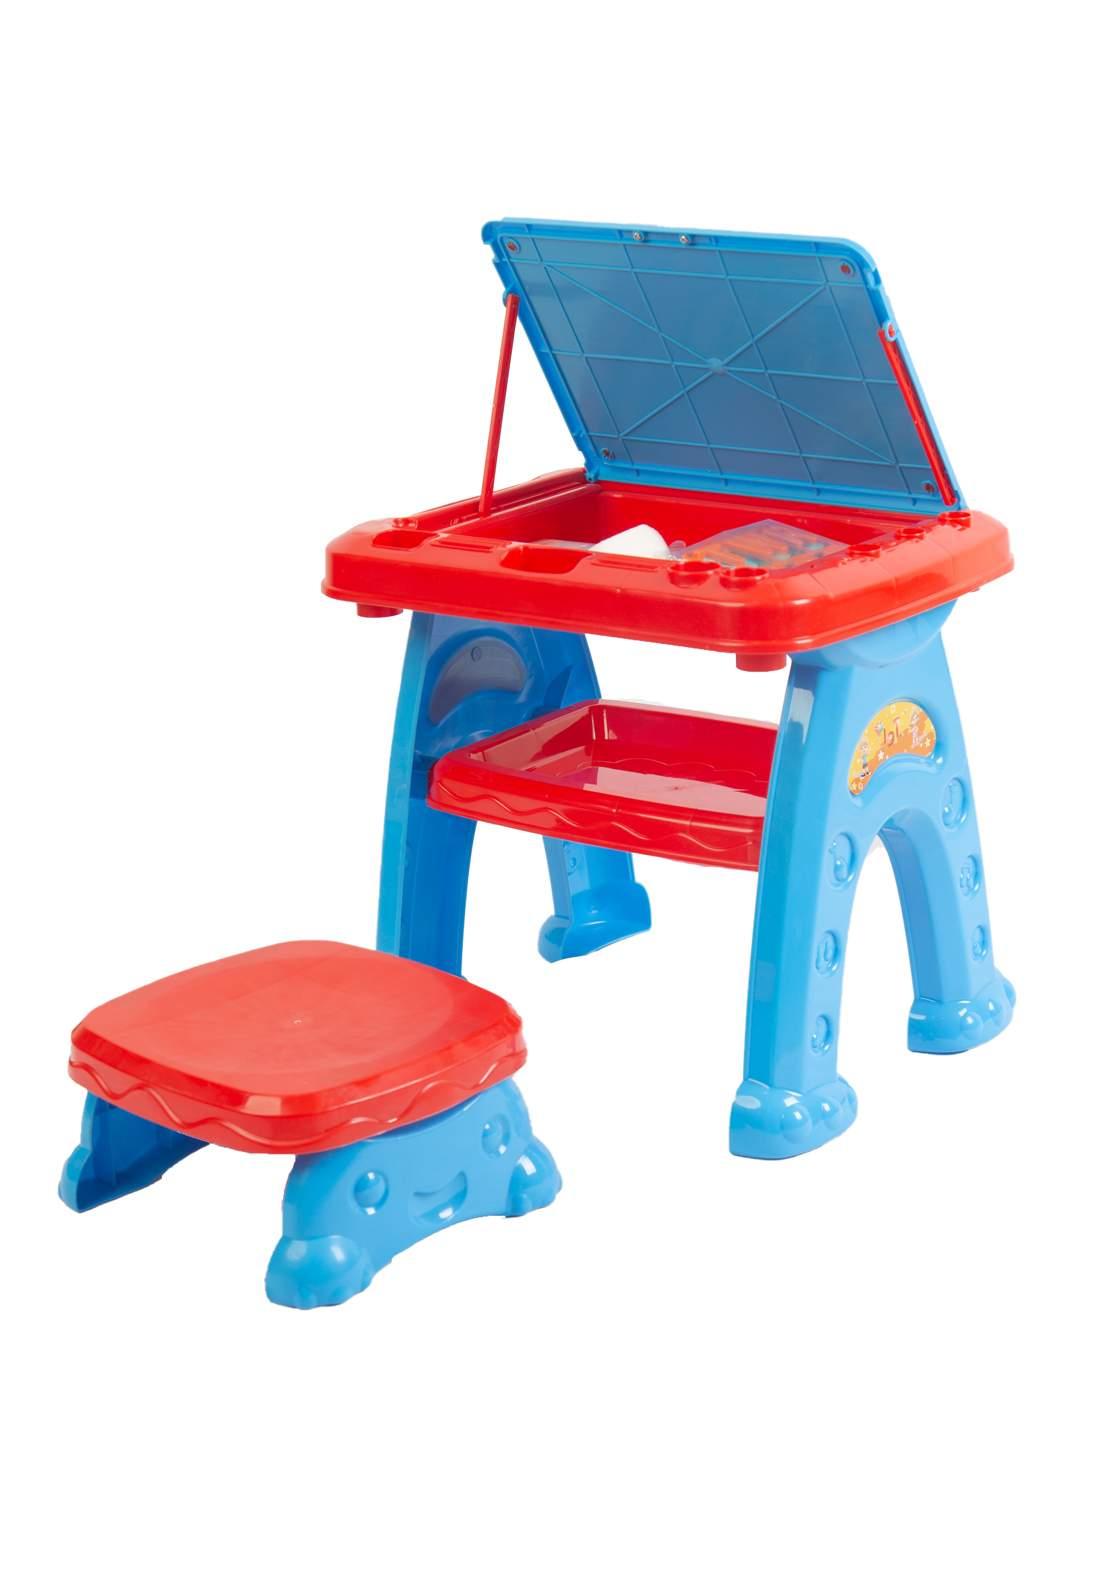 Chair For Kids  رحلة أطفال